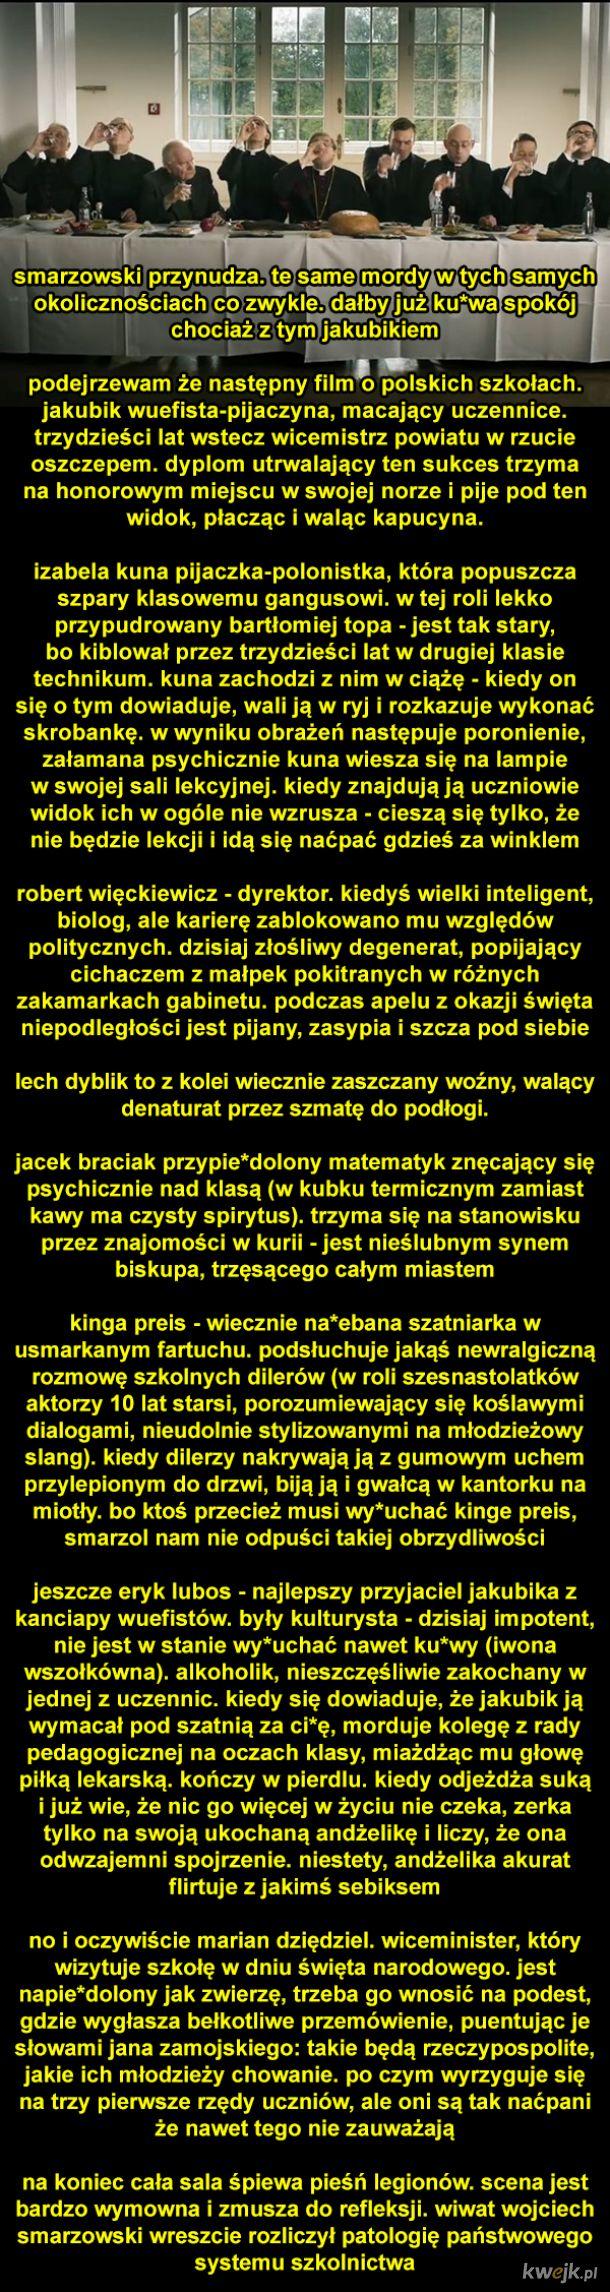 Nowy film Wojtka Smarzowskiego